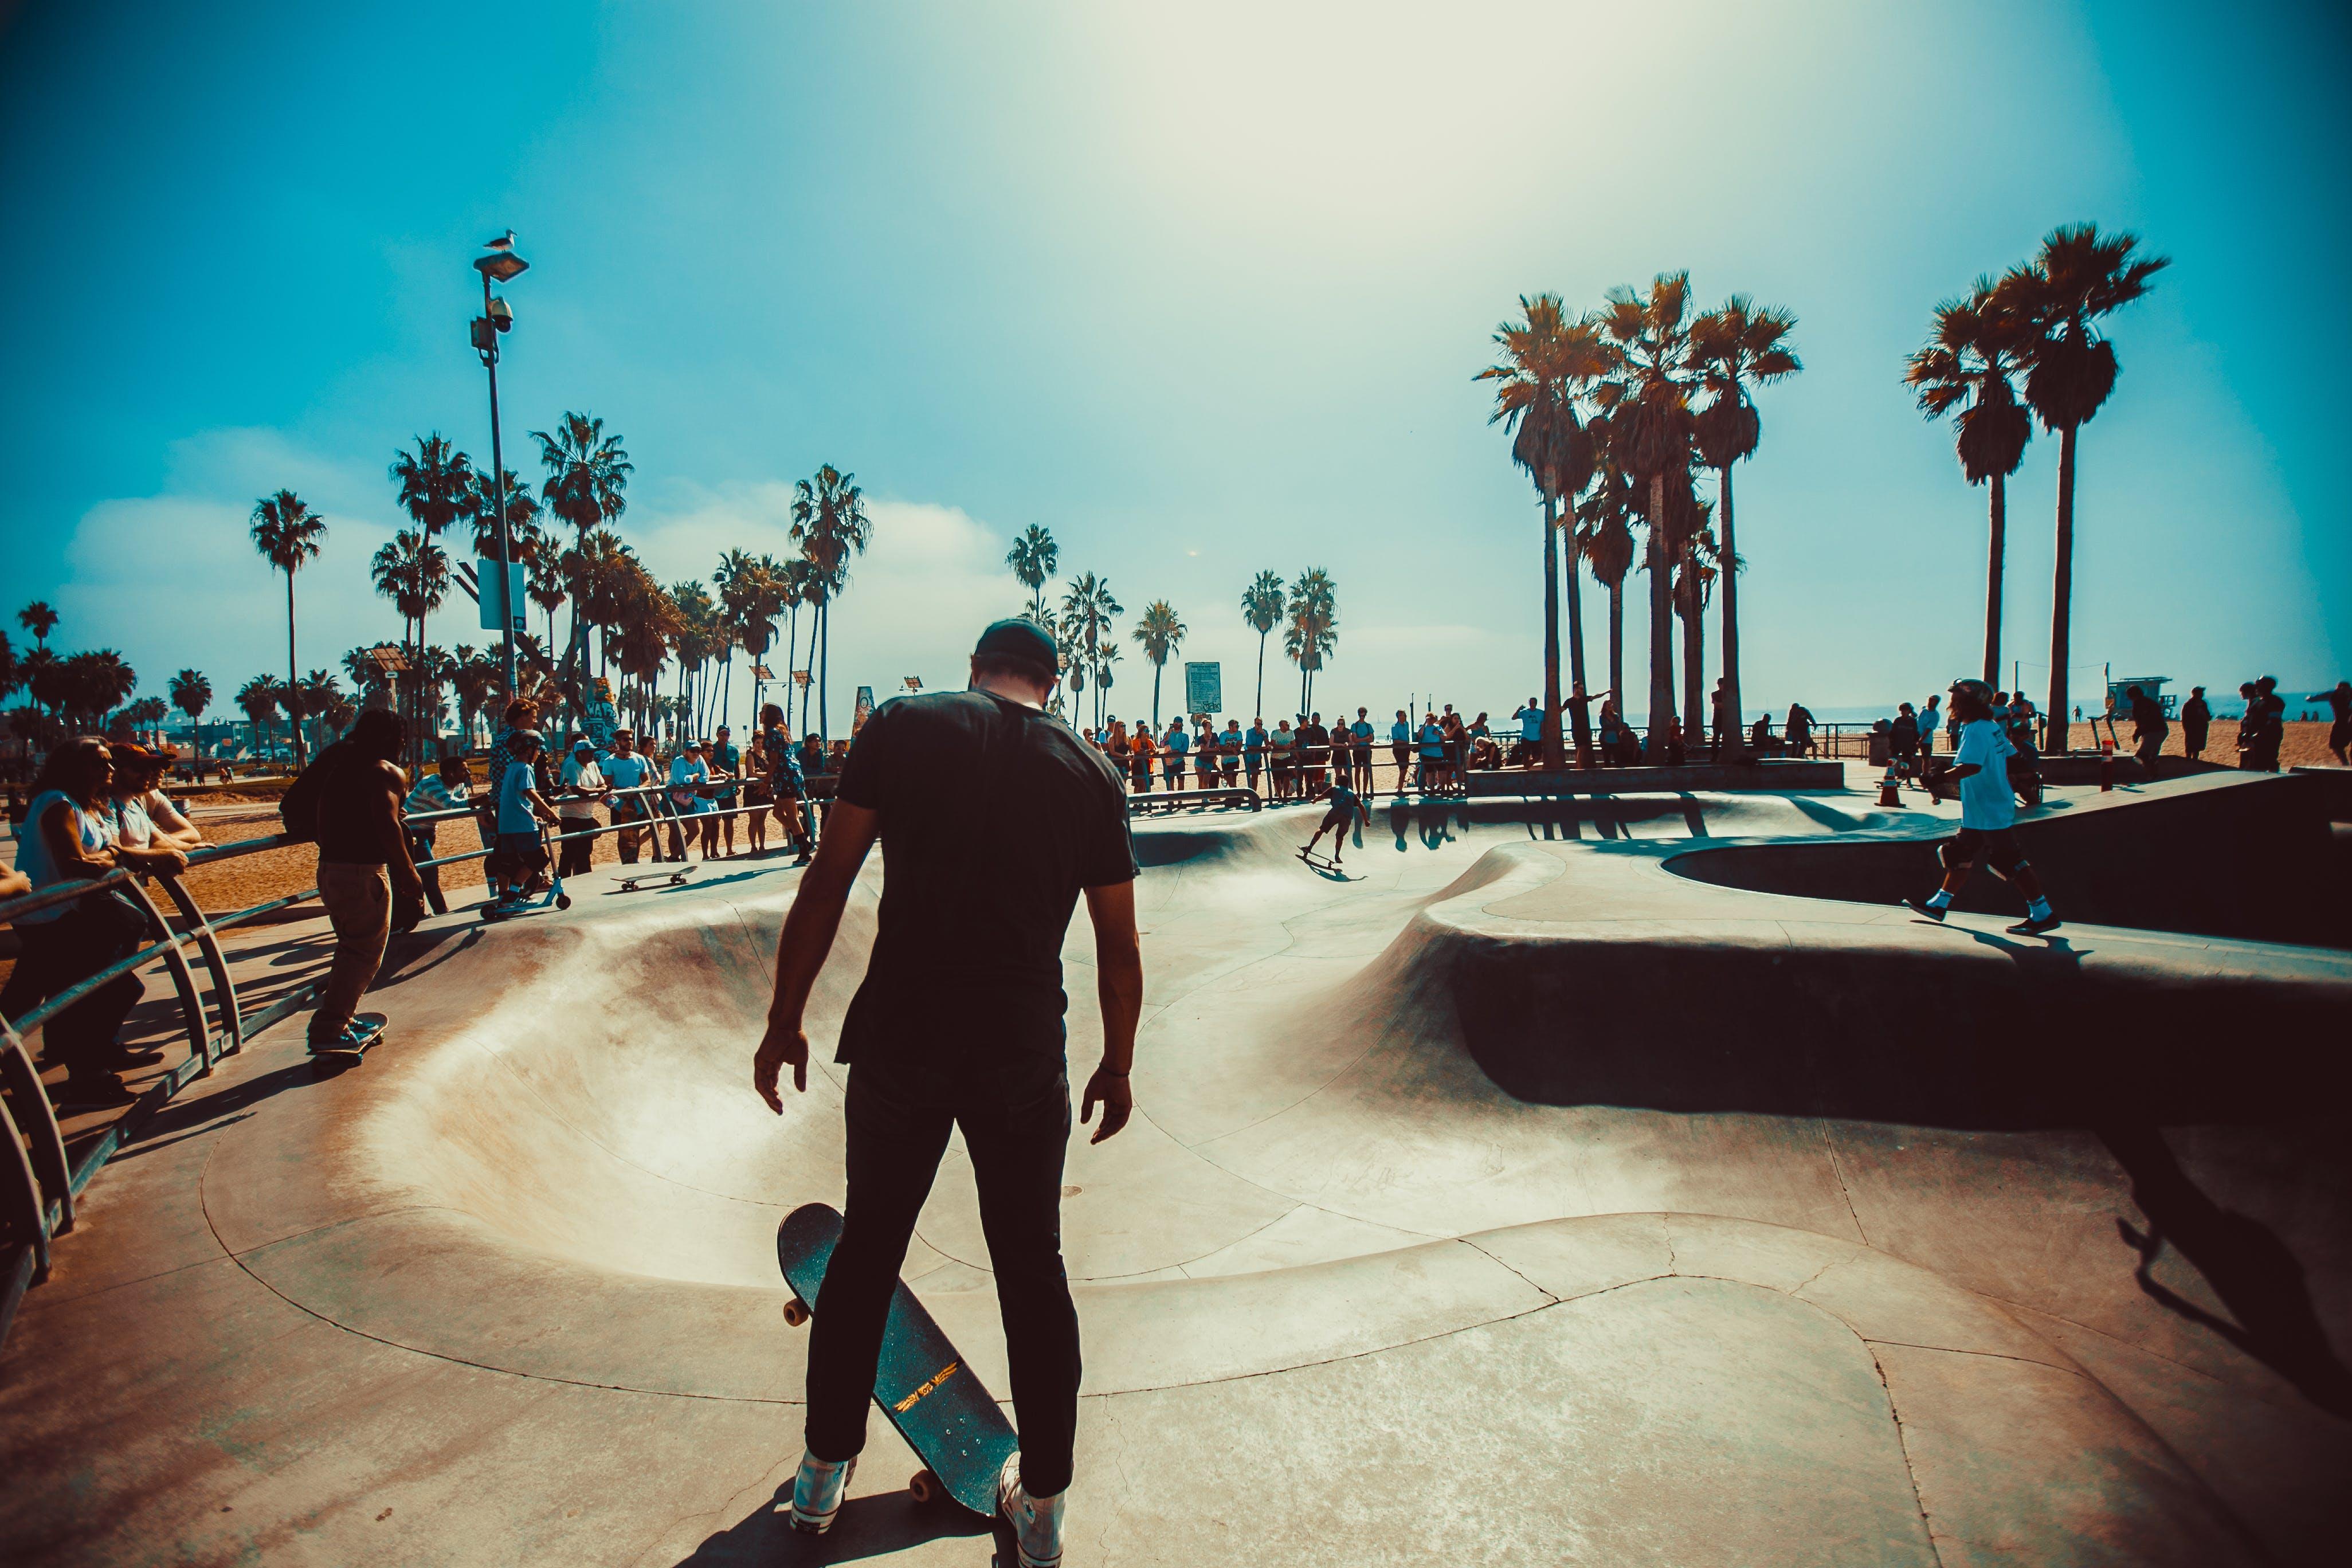 Man Standing on Skateboard Near Skate Park